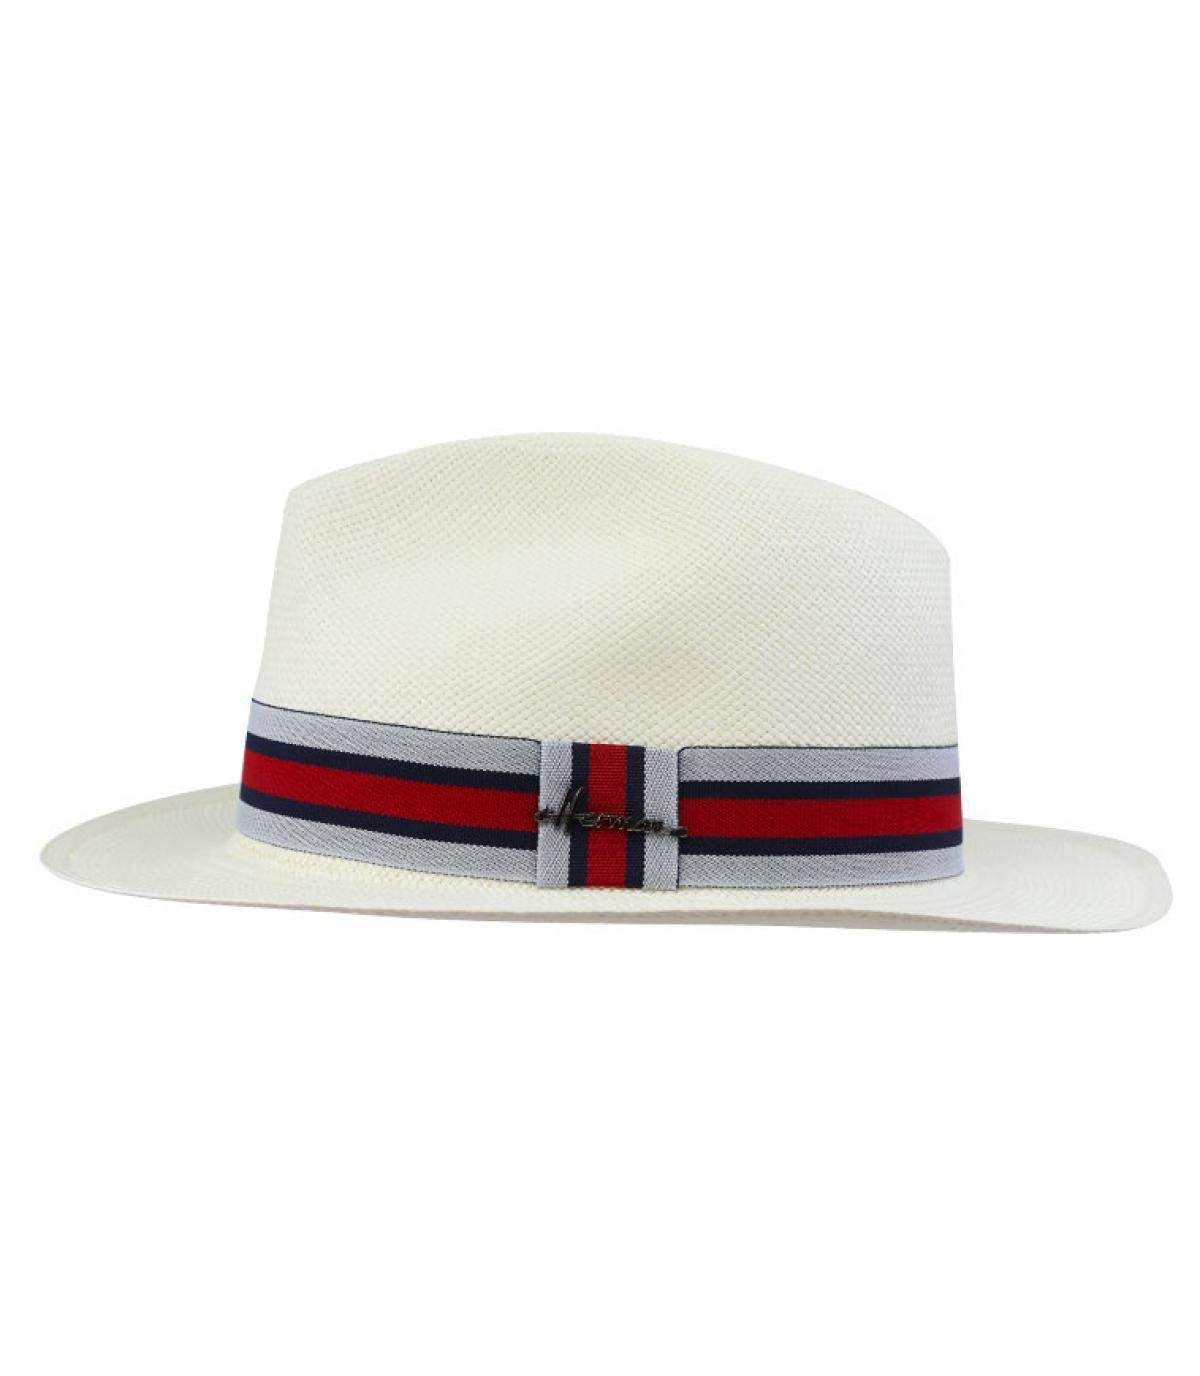 Et L'été Headict Pour Chapeaux Femme Chapeau Homme Été Achat T13lFJKc